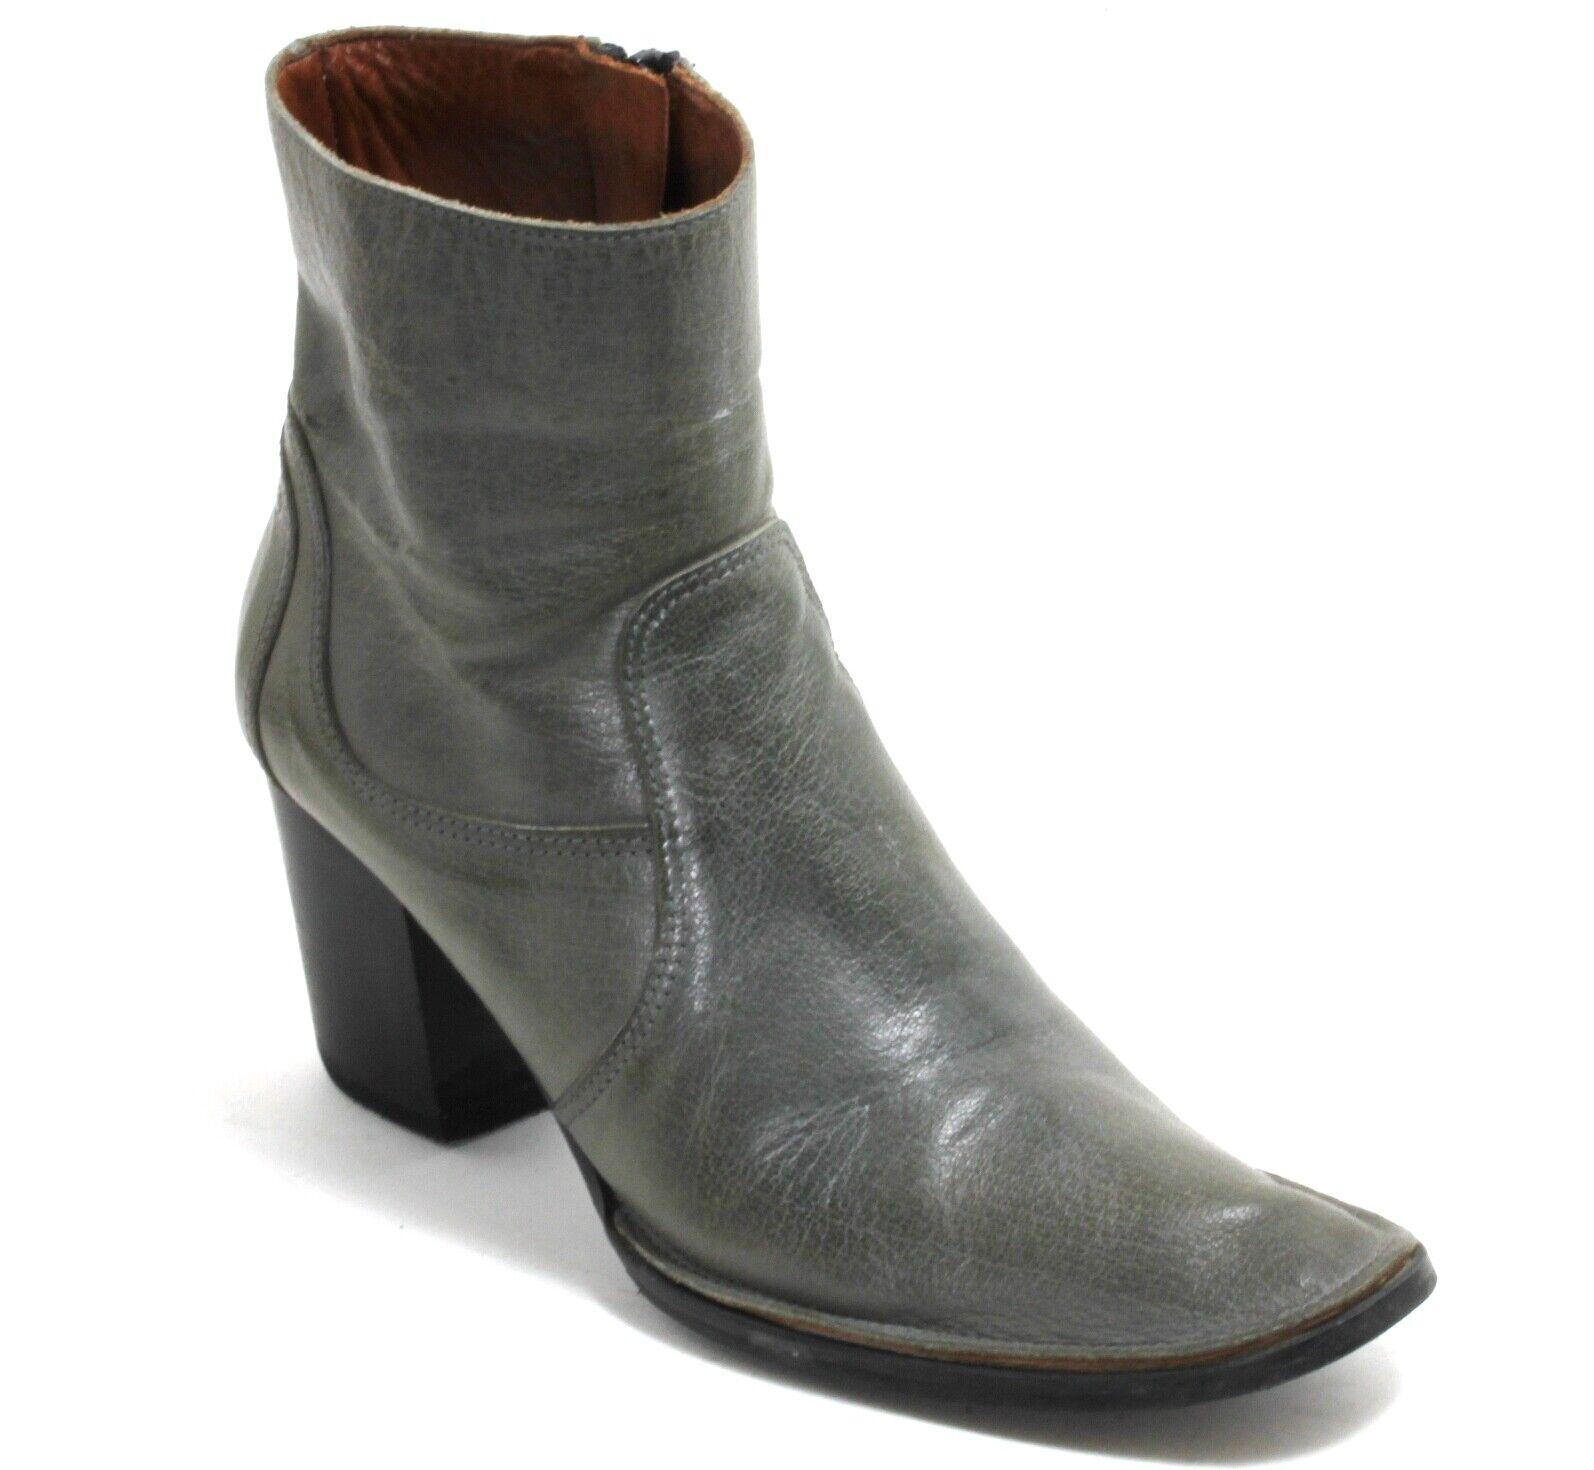 Bottines Vintage Chaussures Basses Moitié Bateau Cuir Fermeture Éclair Talons